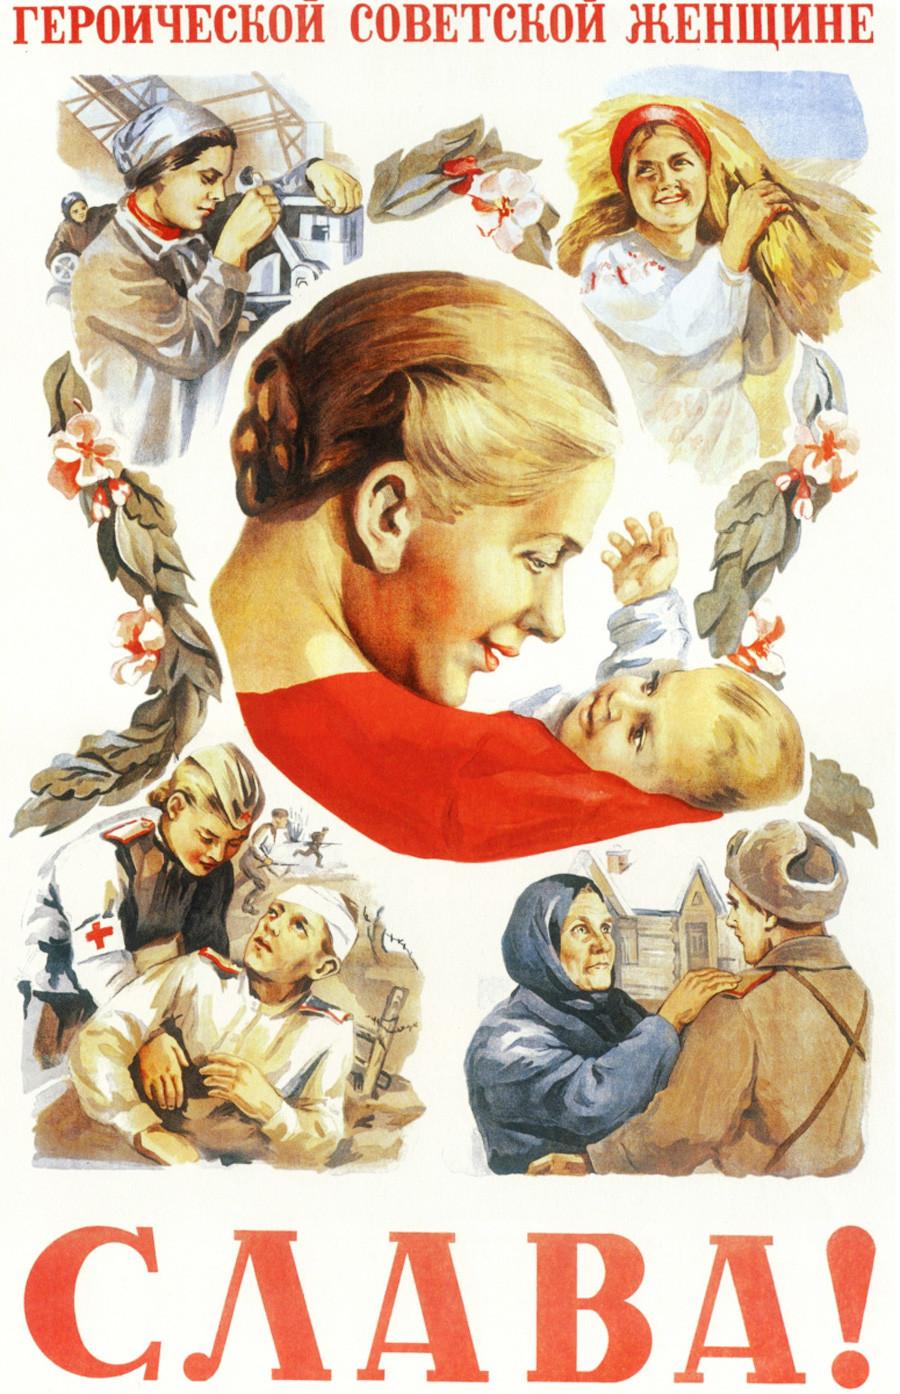 Gloire à l'héroïque femme soviétique !